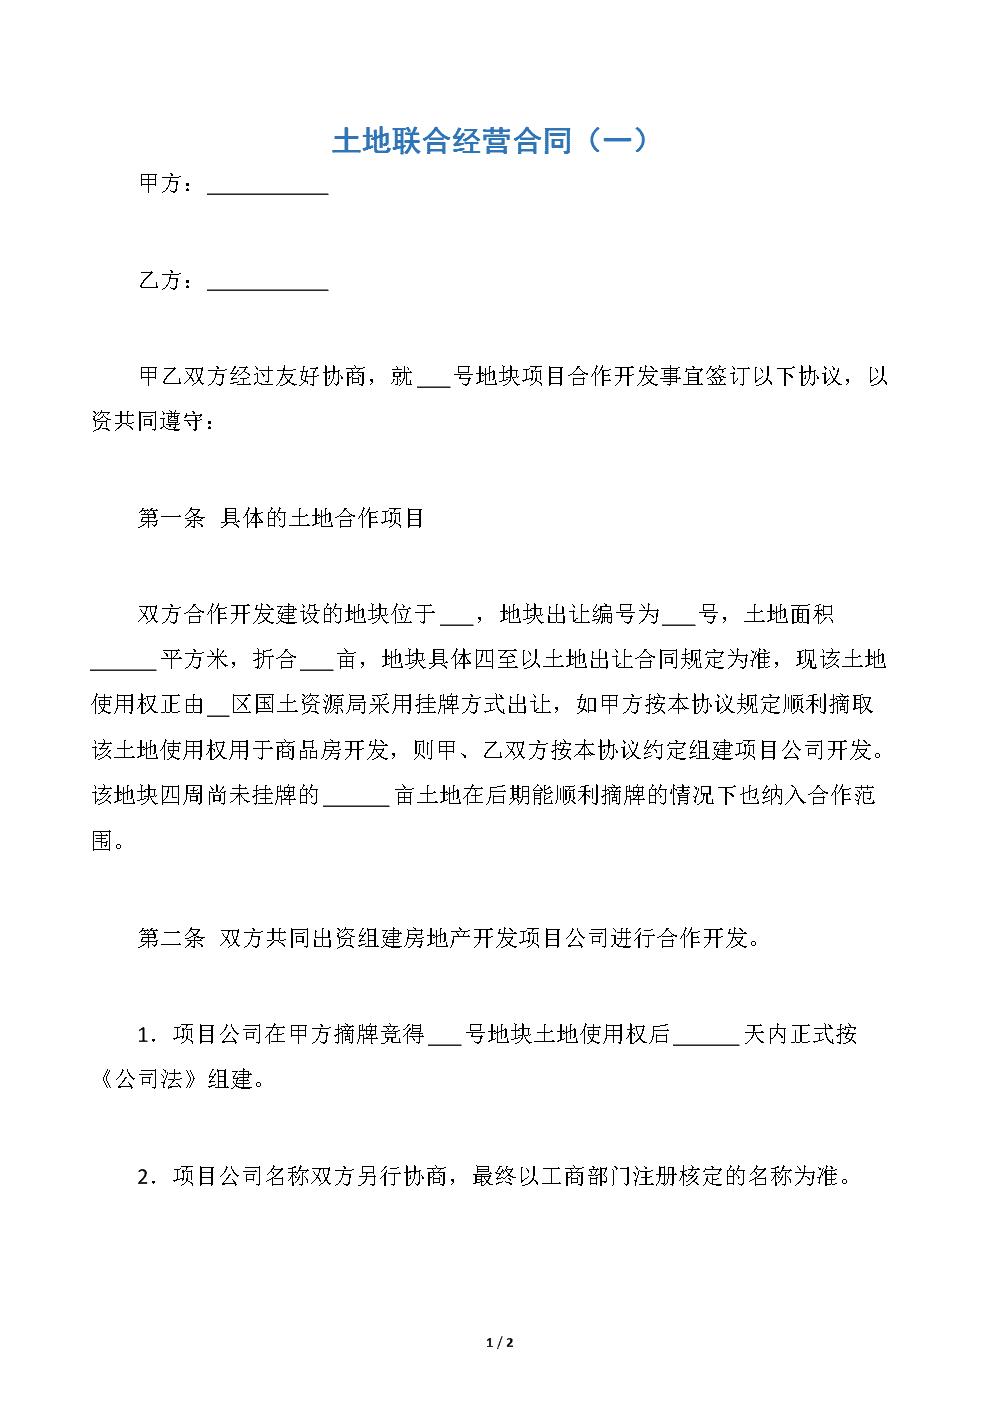 土地联合经营合同(一).docx